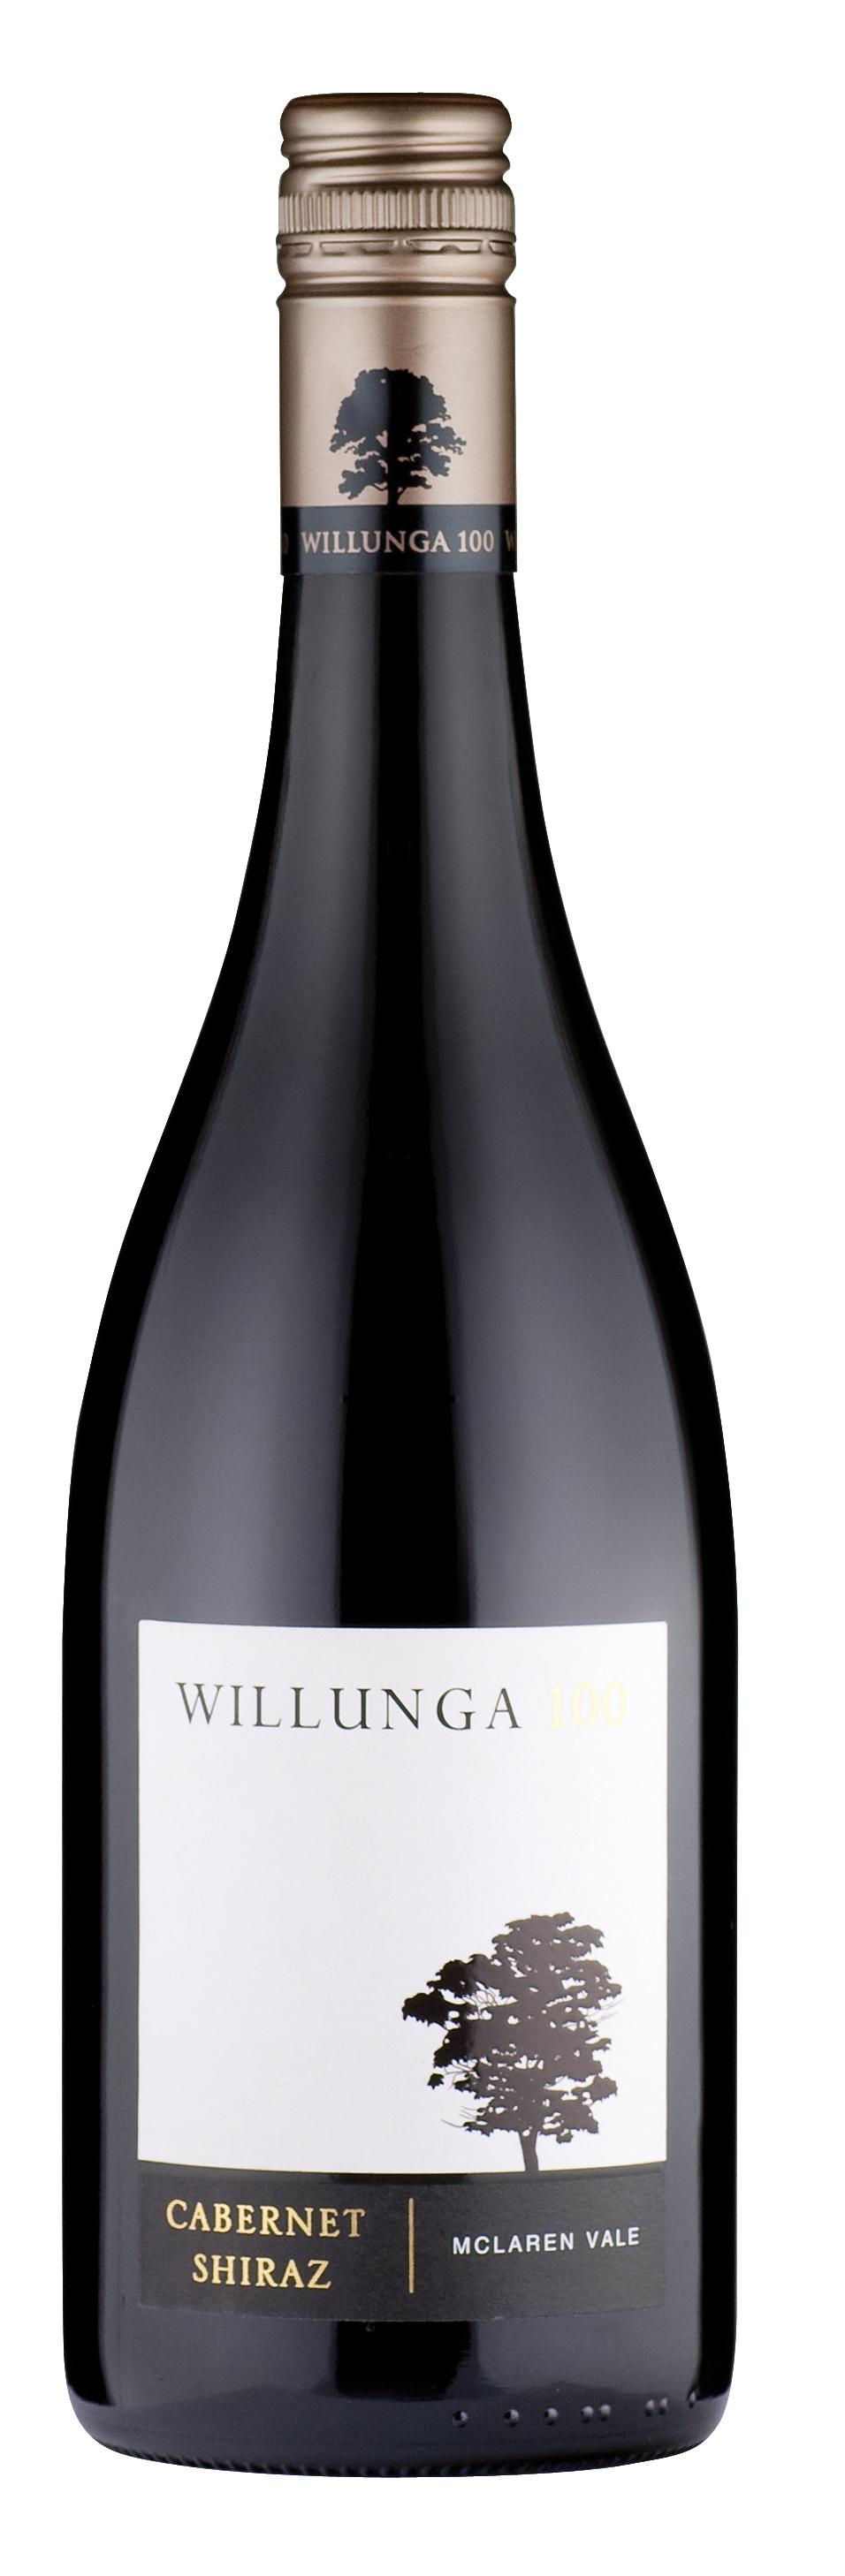 Willunga 100, McLaren Vale Cabernet/Shiraz 2014